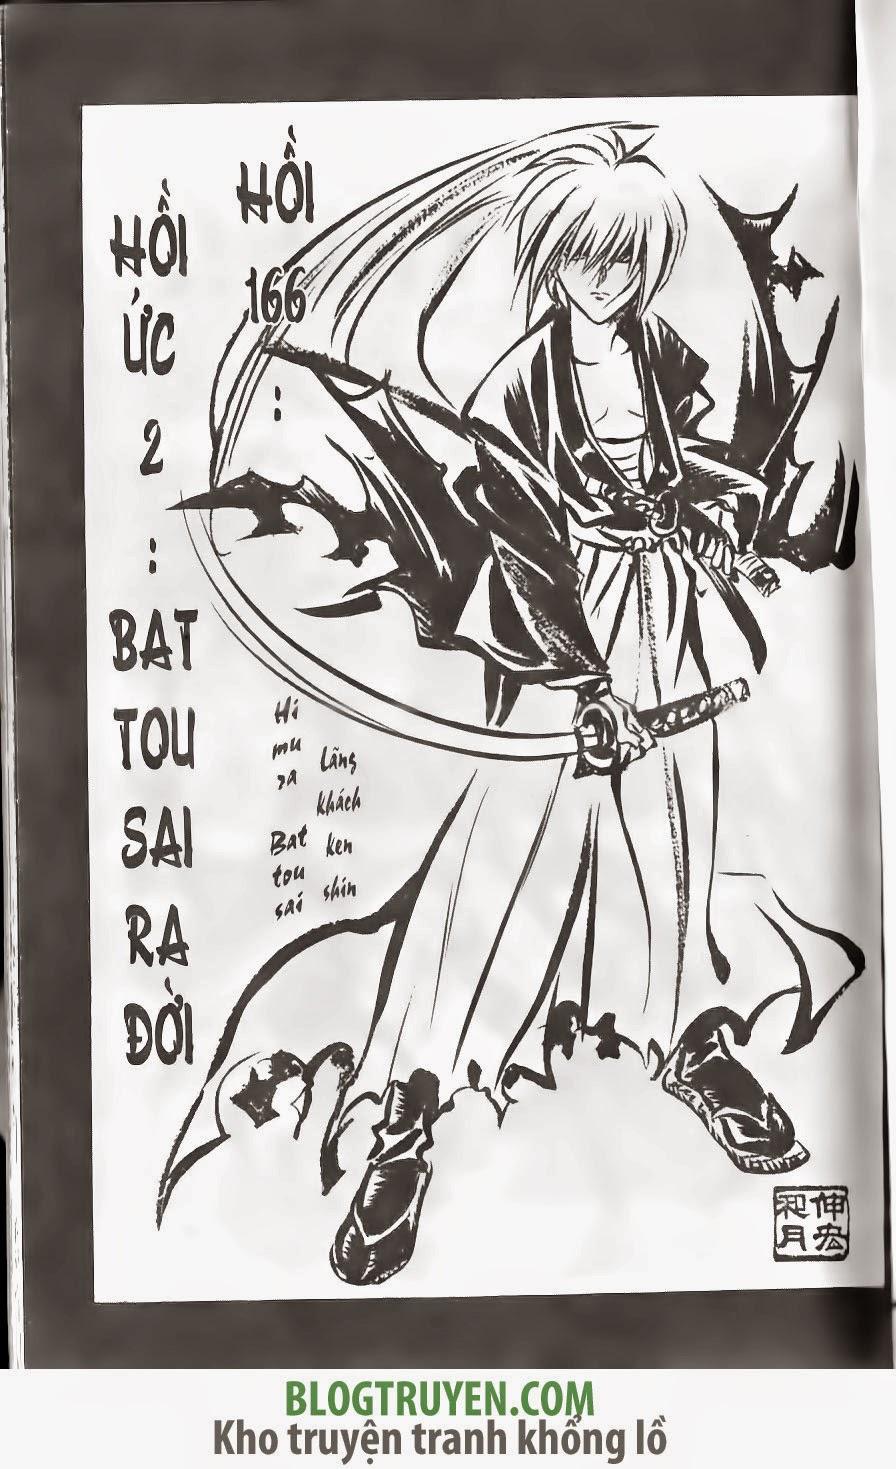 Rurouni Kenshin chap 166 trang 2